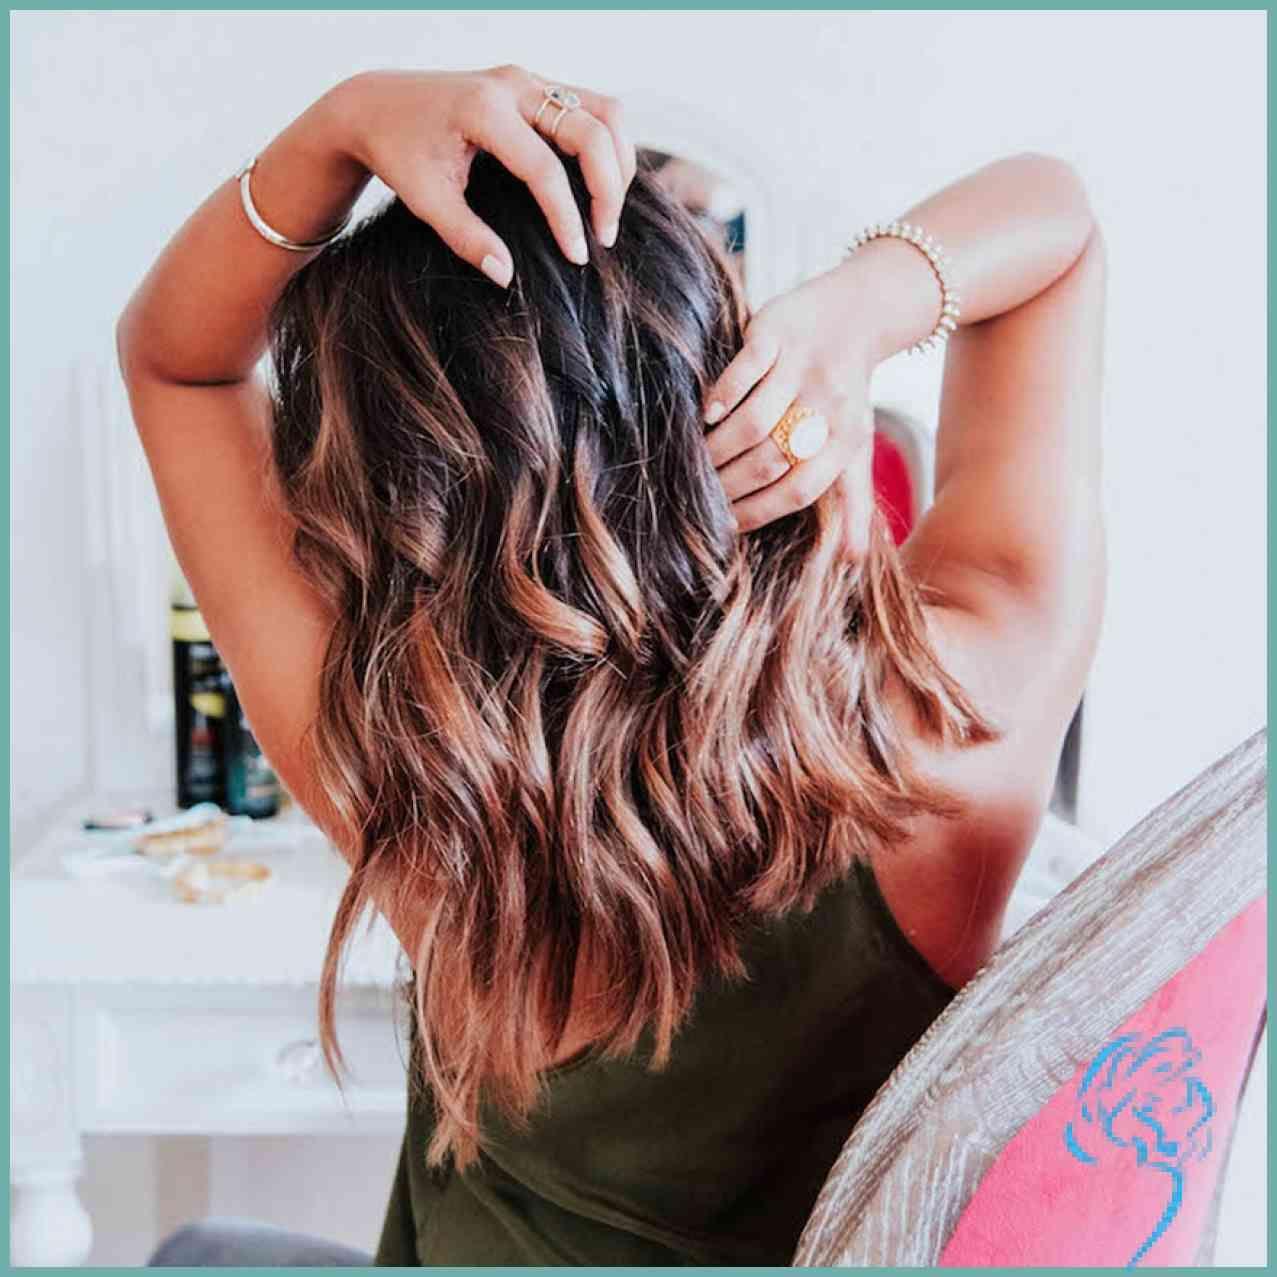 Beach Waves Selber Machen 5 Diy Methoden Fur Welliges Haar Damen Frisuren Mit Bildern Frisuren Welliges Haar Mittellanges Haar Wellen